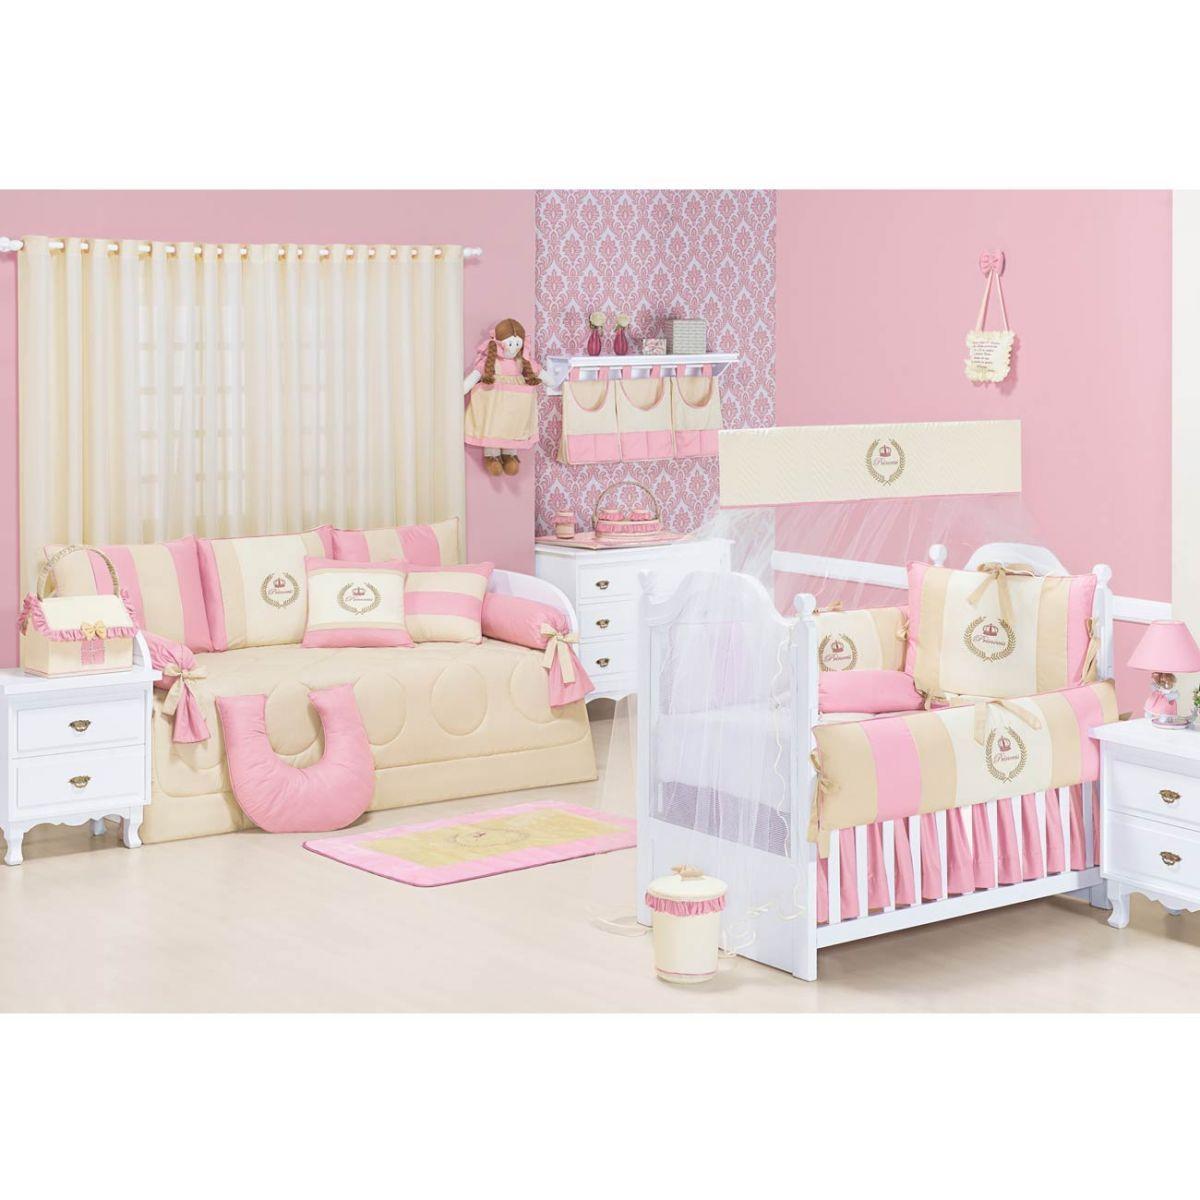 Apoio para Amamentar Bebê - Coleção My Princess Rose